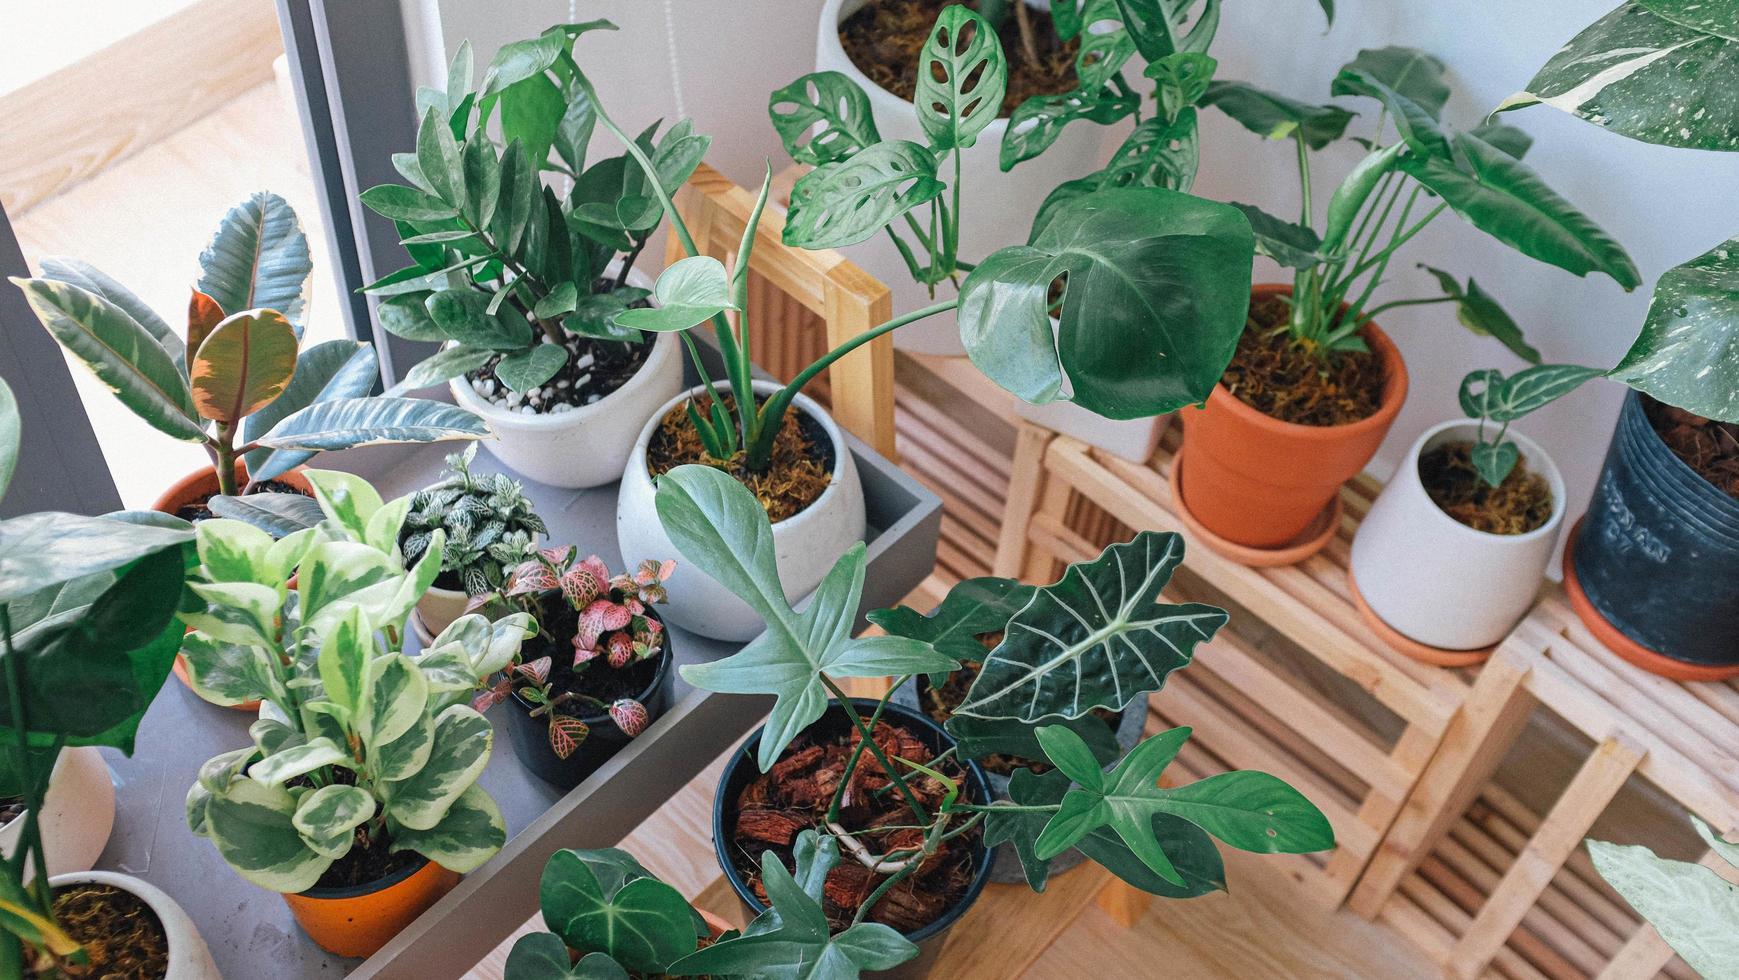 vue aérienne des plantes en pot photo